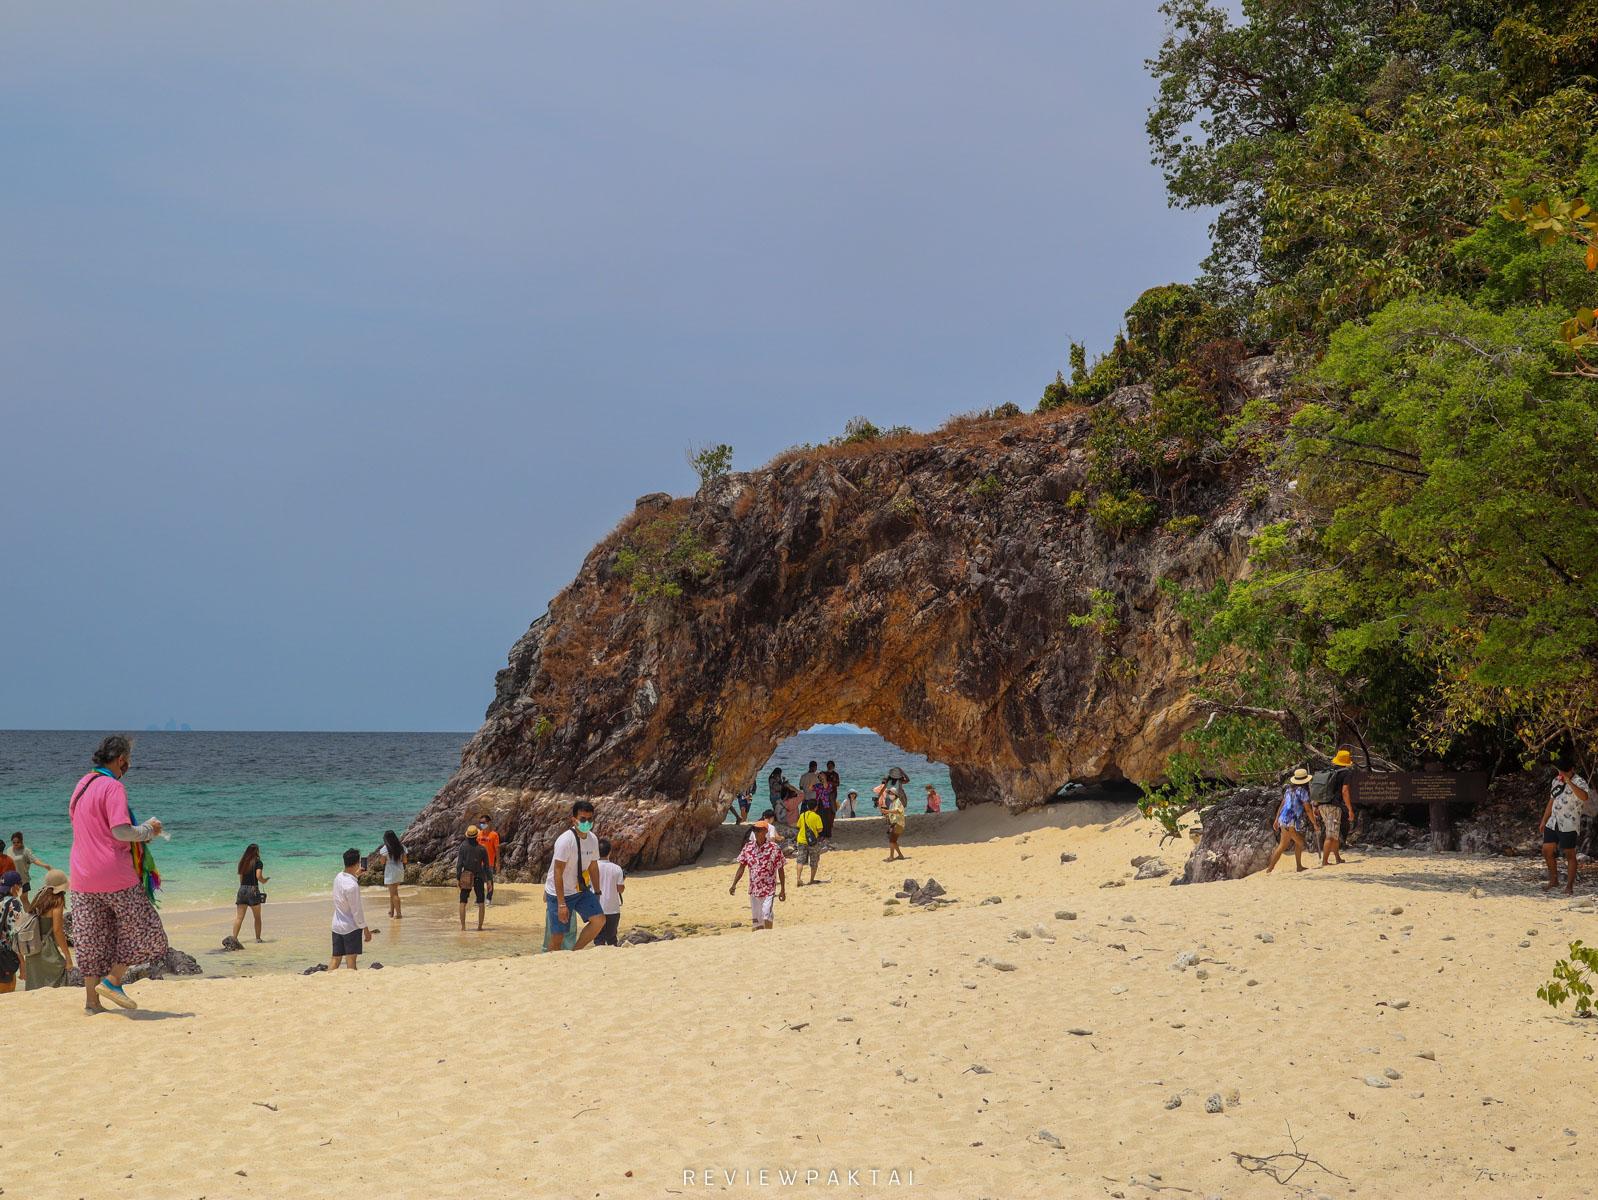 เกาะไข่,สตูล,หาดสวยน้ำ,ถ่ายรูปปัง